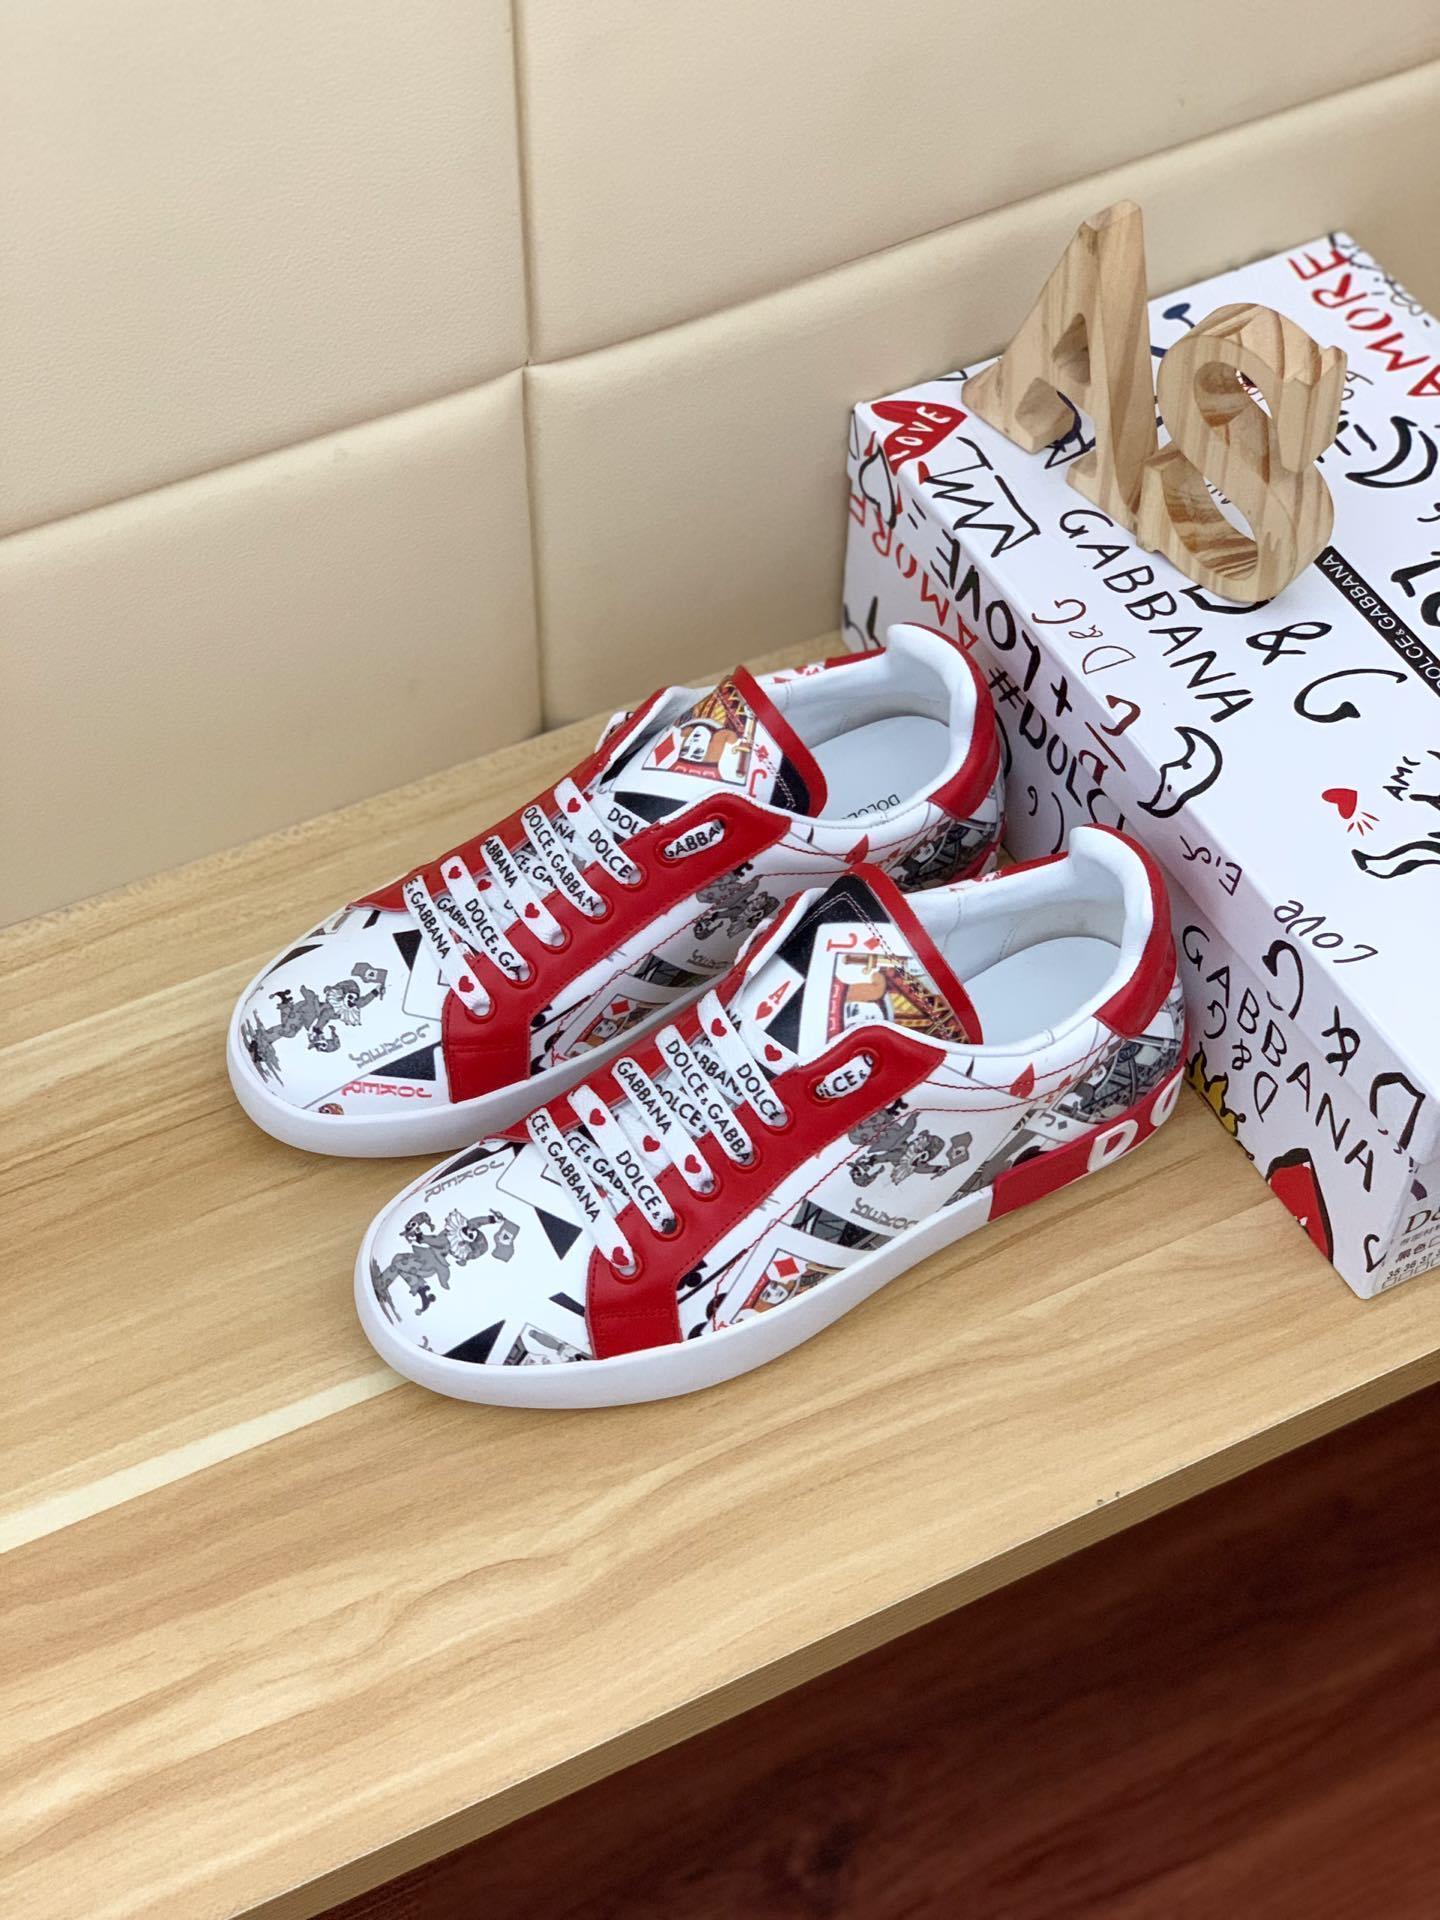 2020-2019i yaz yeni high-end marka deri erkek ayakkabıları düşük kesim gündelik düz ayakkabılar baskı kişiselleştirilmiş, moda vahşi spor ayakkabıları, si